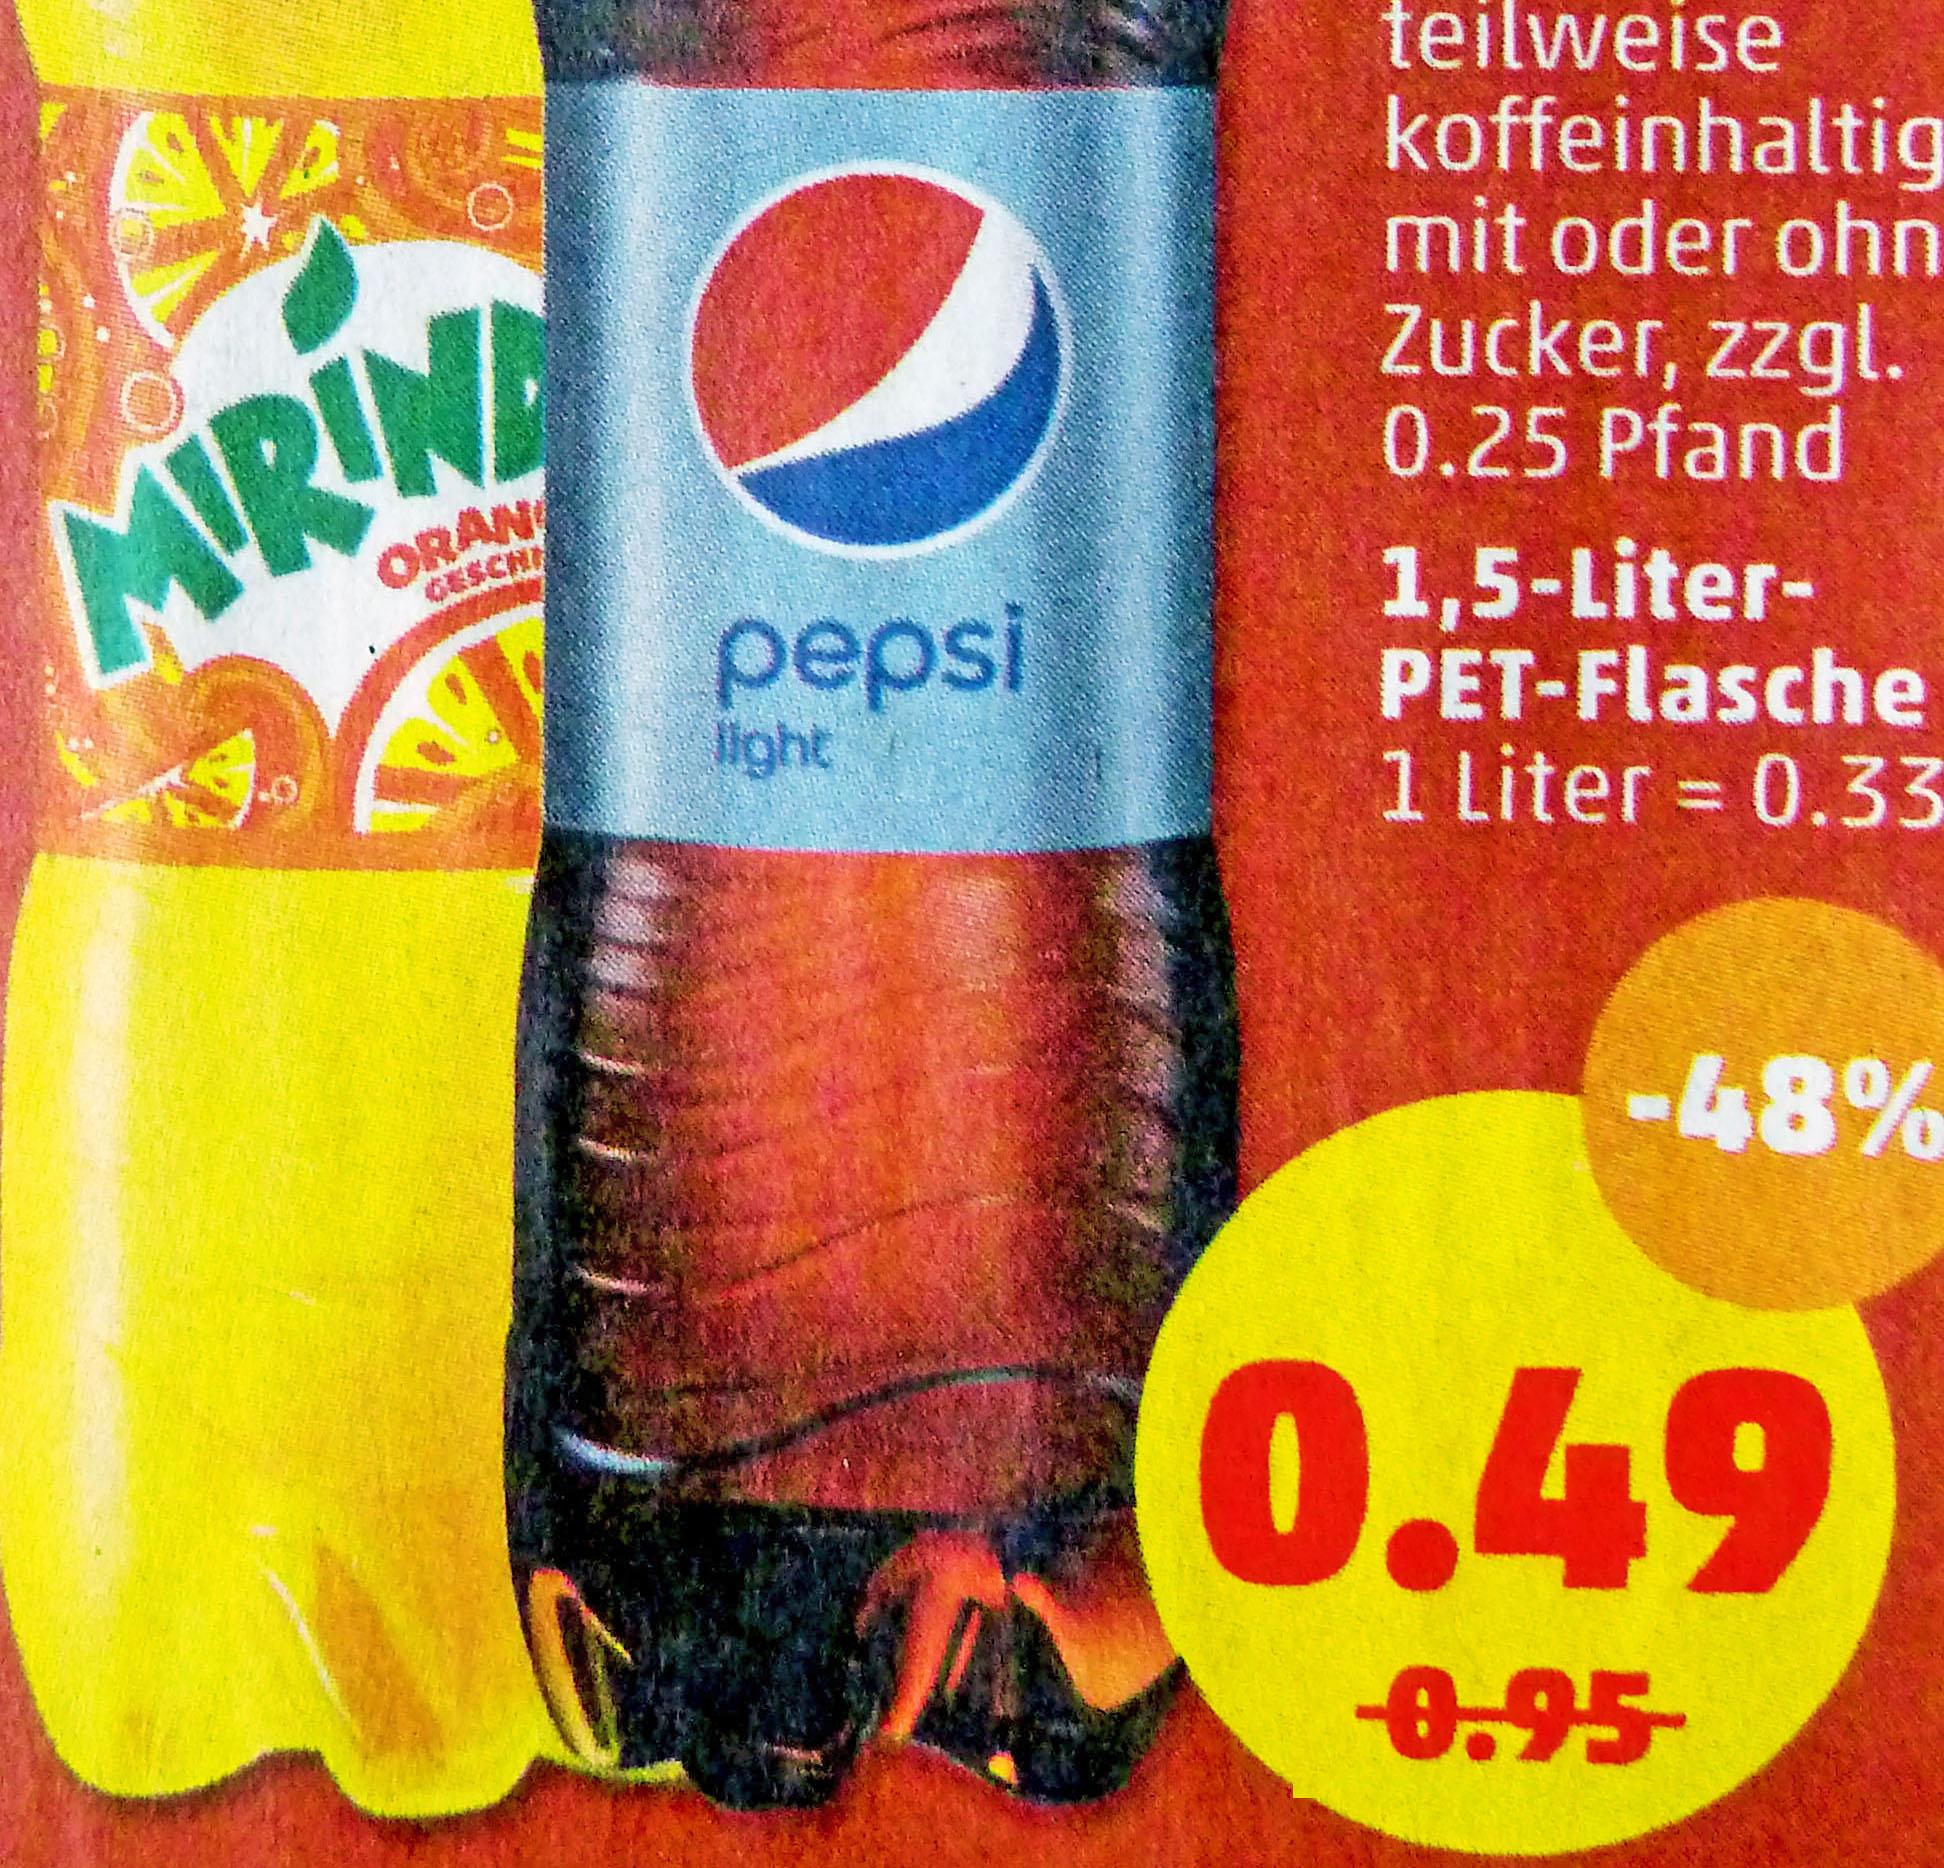 Pepsi / Mirinda / 7Up /Schwip Schwap je 1,5l Flasche für 0,49€ (Penny ab 23.7.)